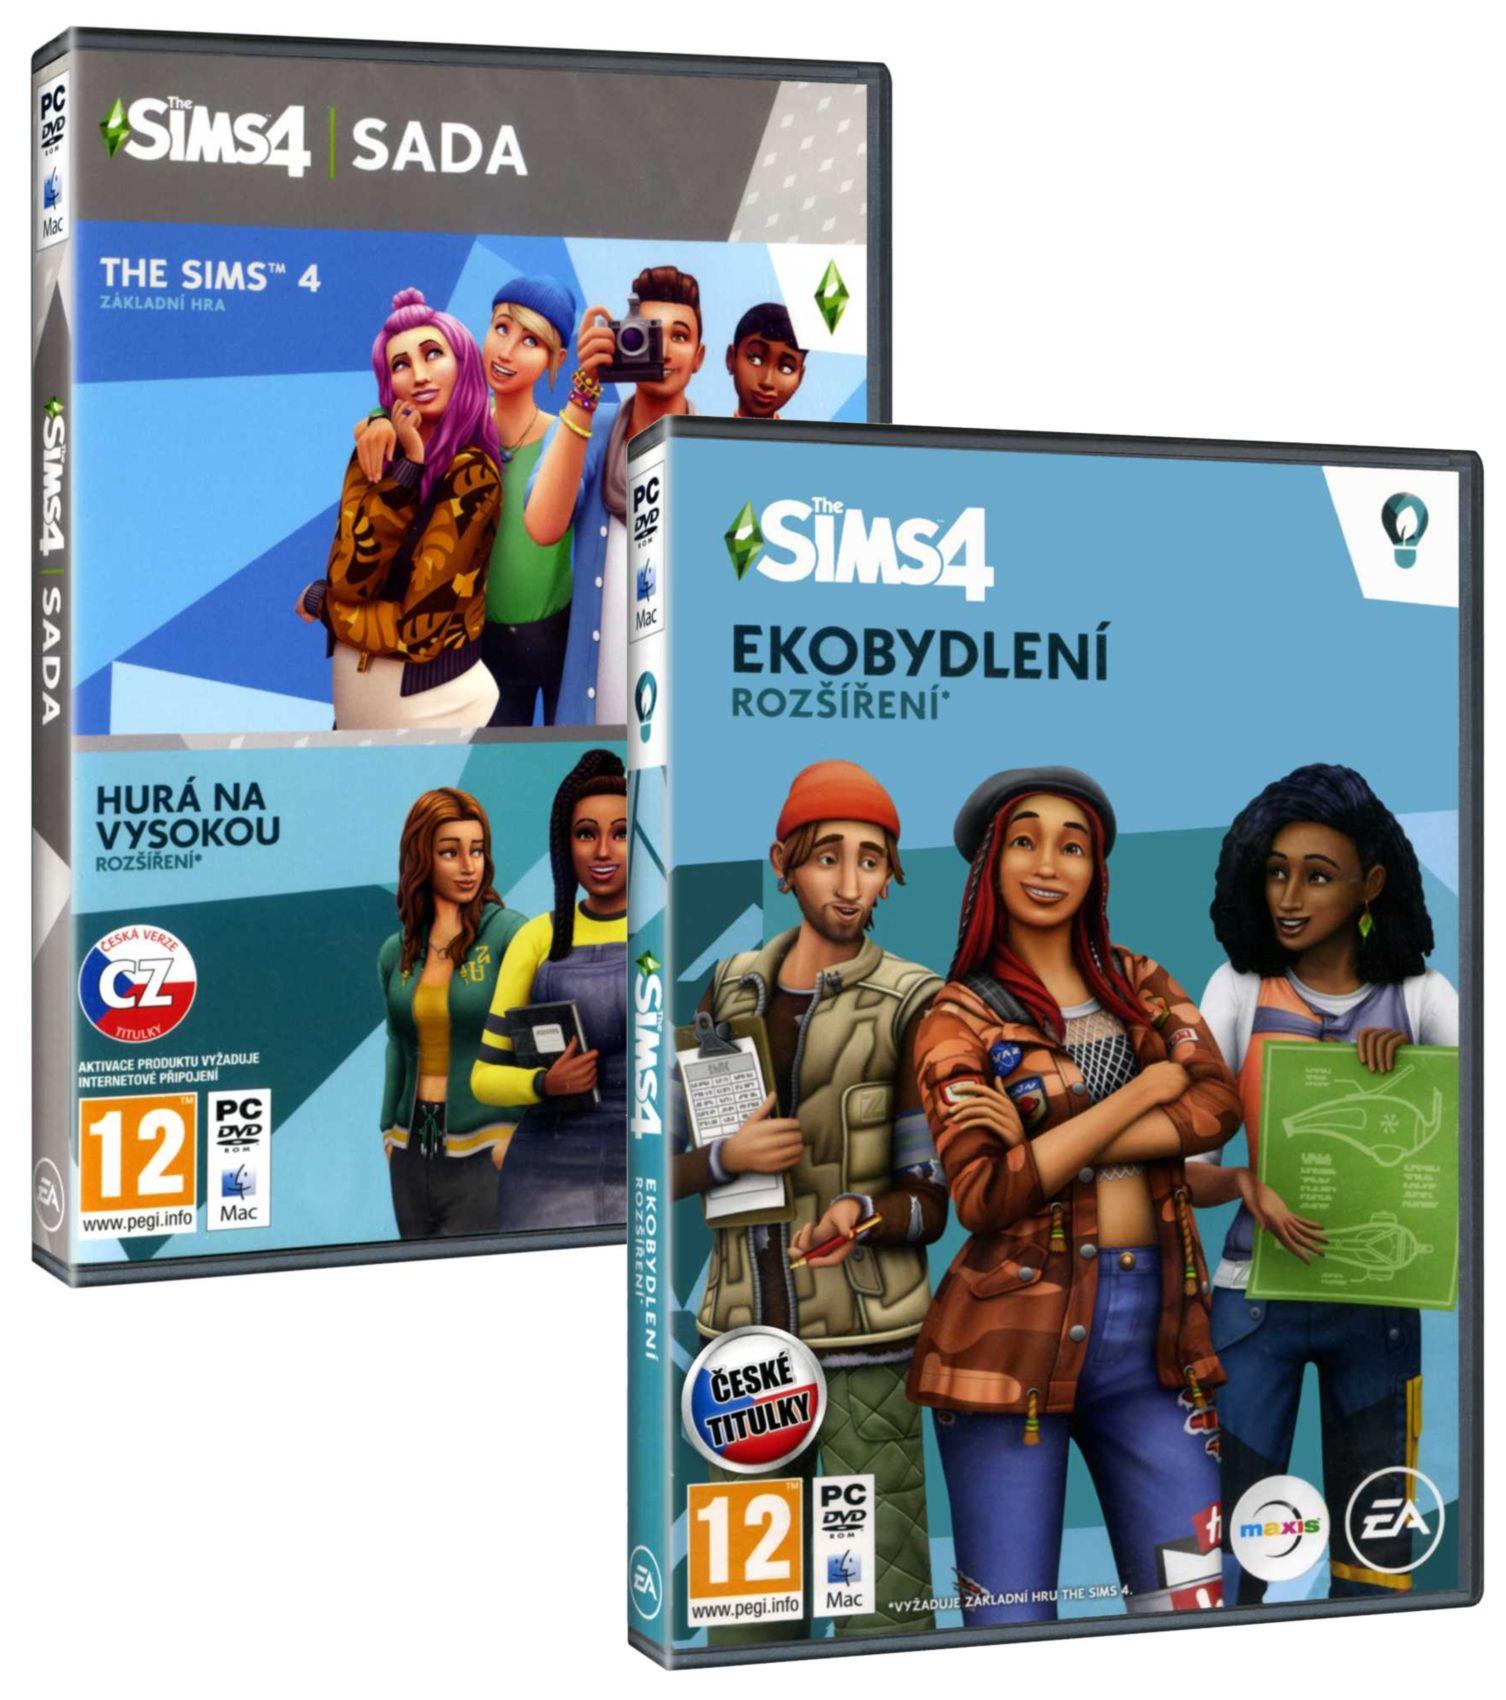 The Sims 4 + Hurá na vysokou + Ekobydlení BUNDLE (základ + 2 rozšíření) -